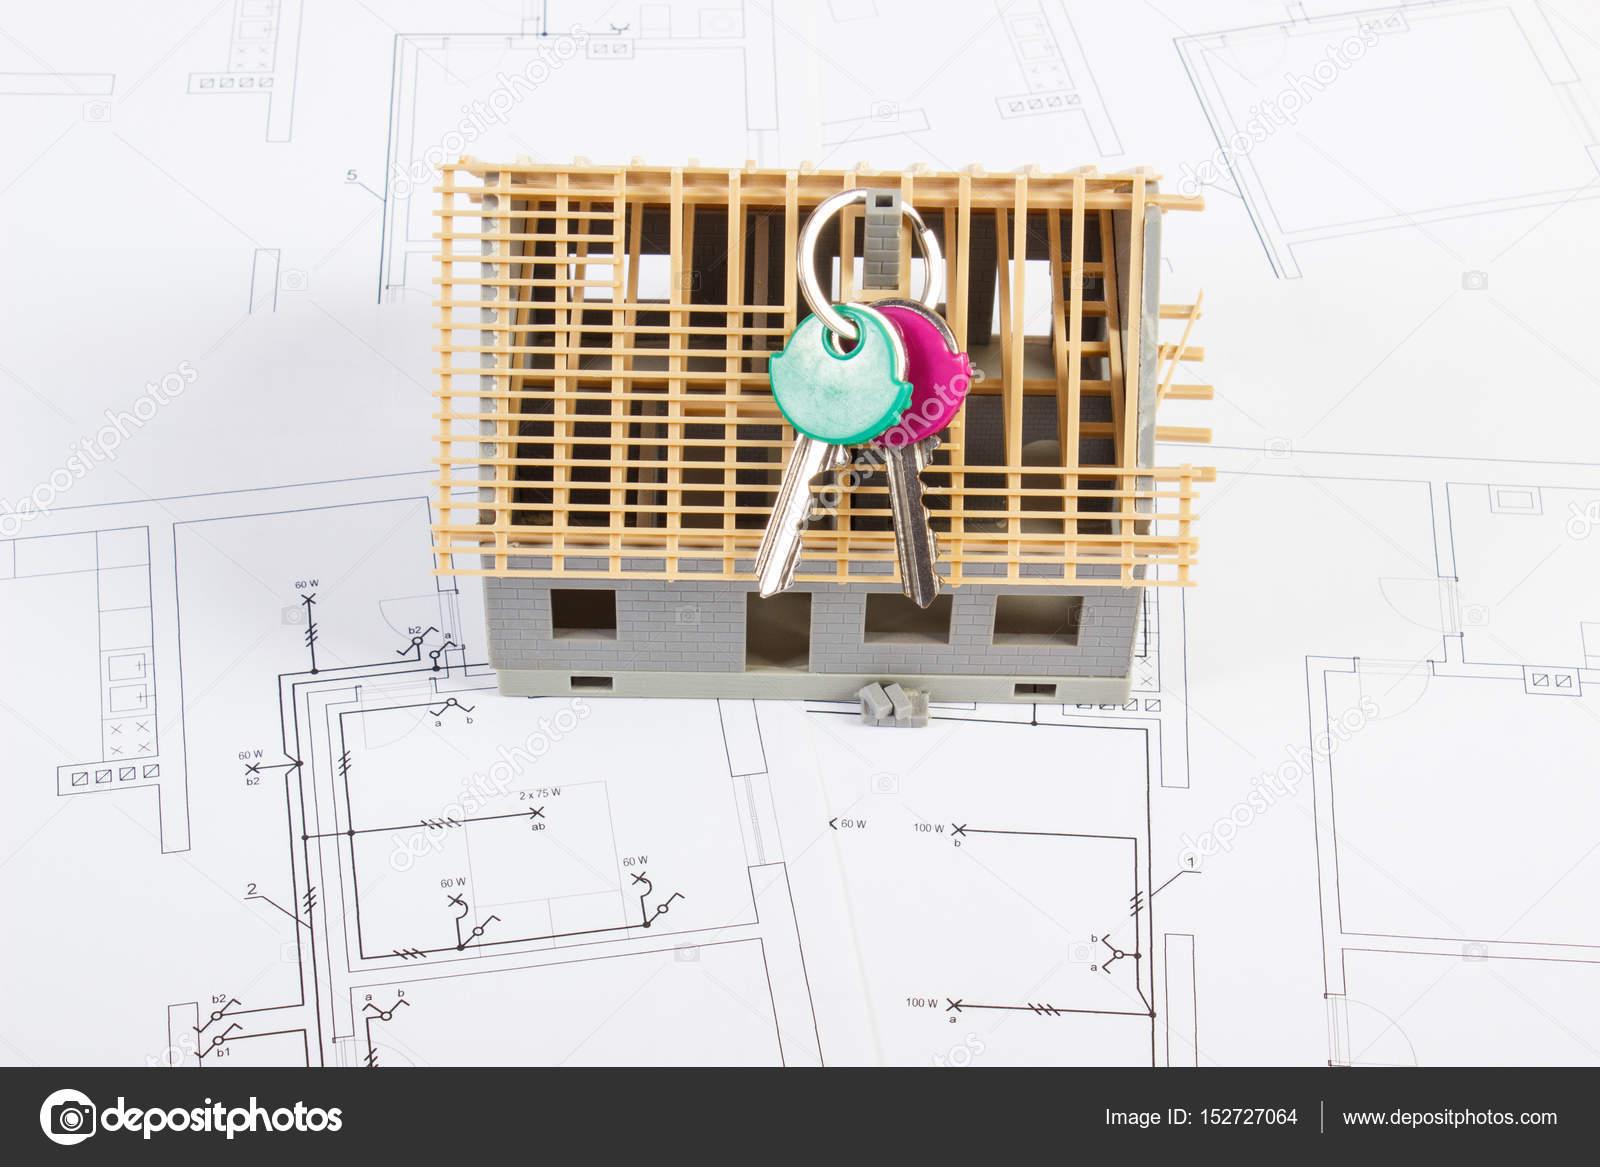 Schemi Elettrici Casa : Schemi elettrici e schemi con casa in costruzione e casa chiavi